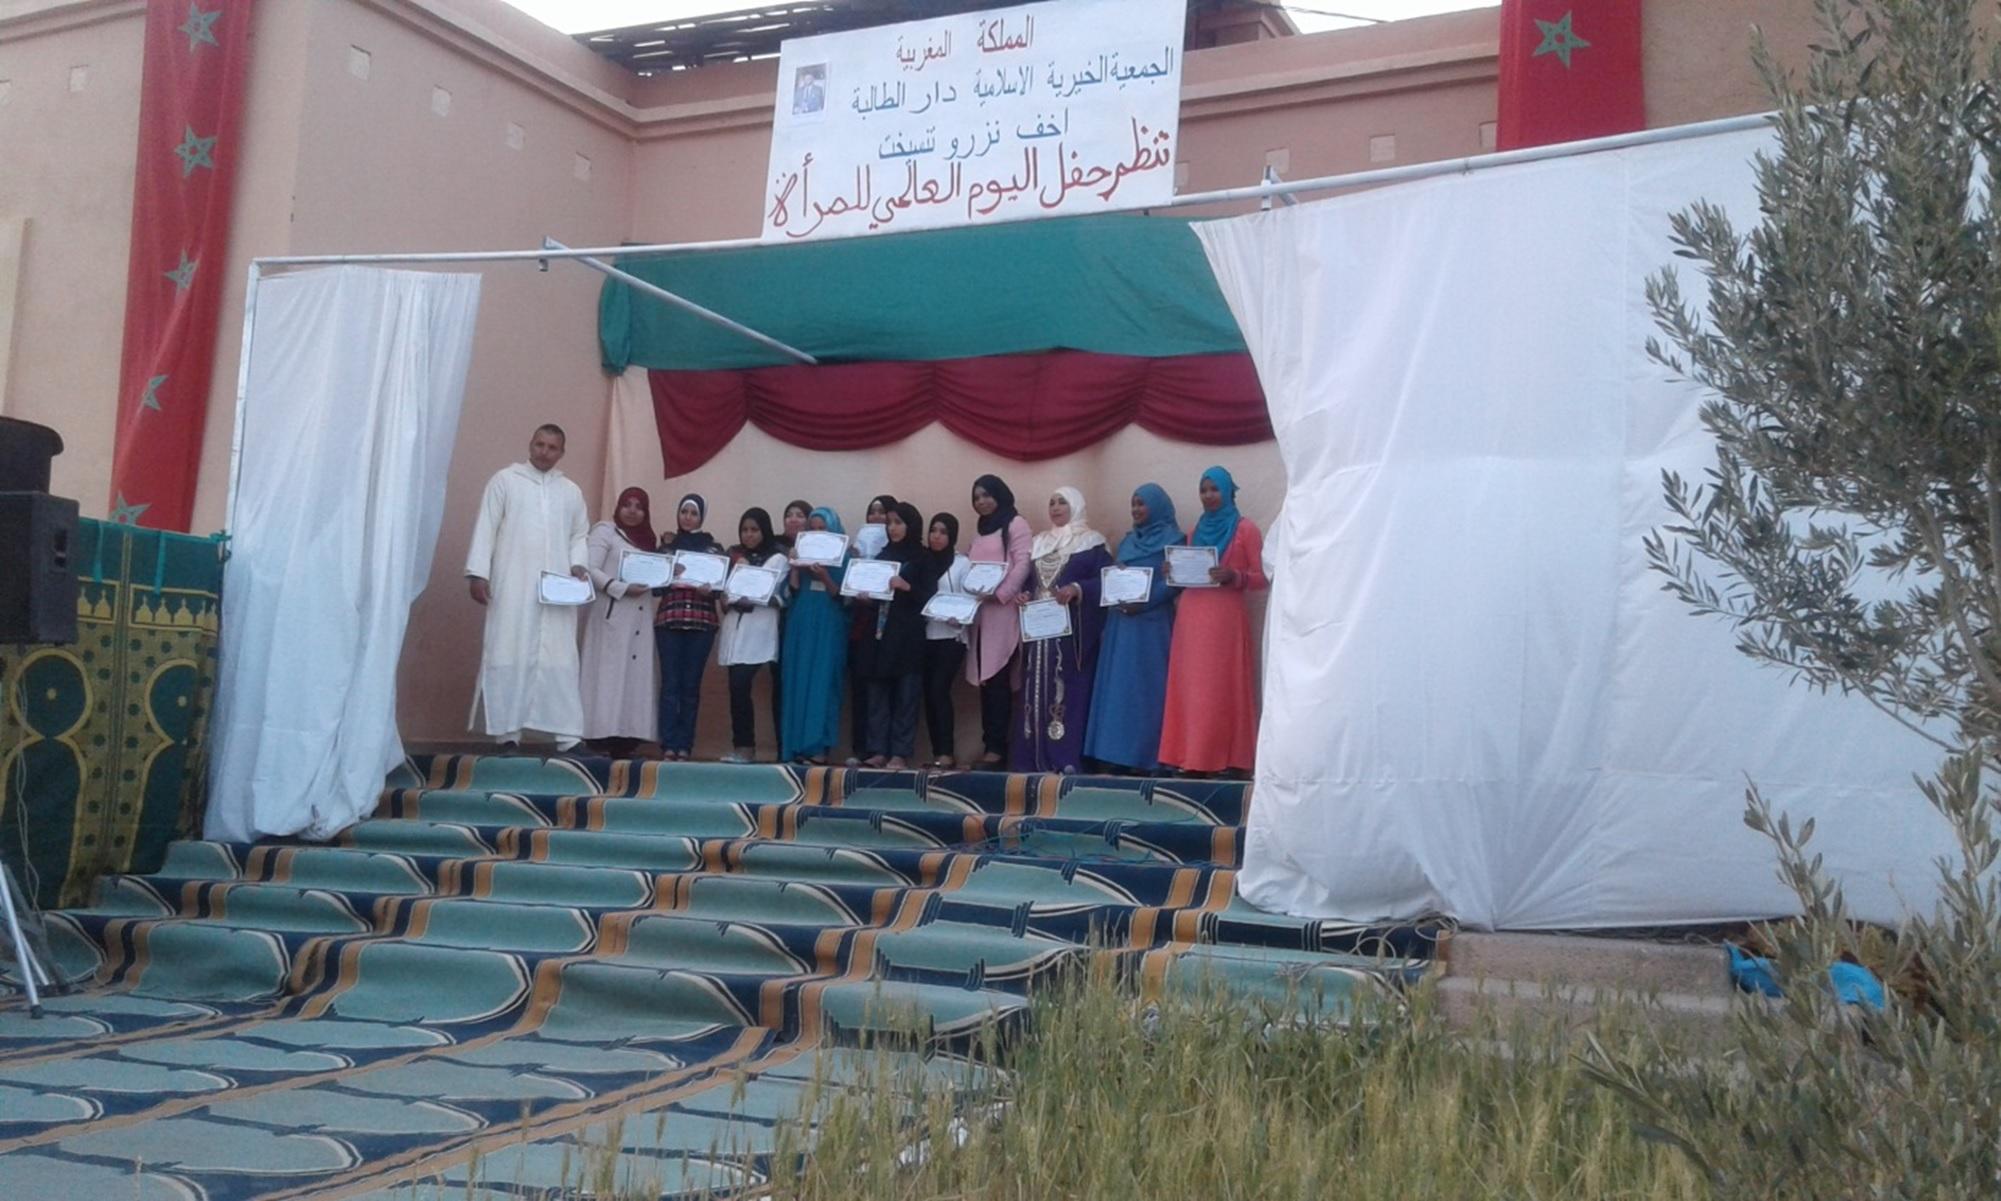 جمعية دار الطالبة تانسيخت تحتفل بالمرأة